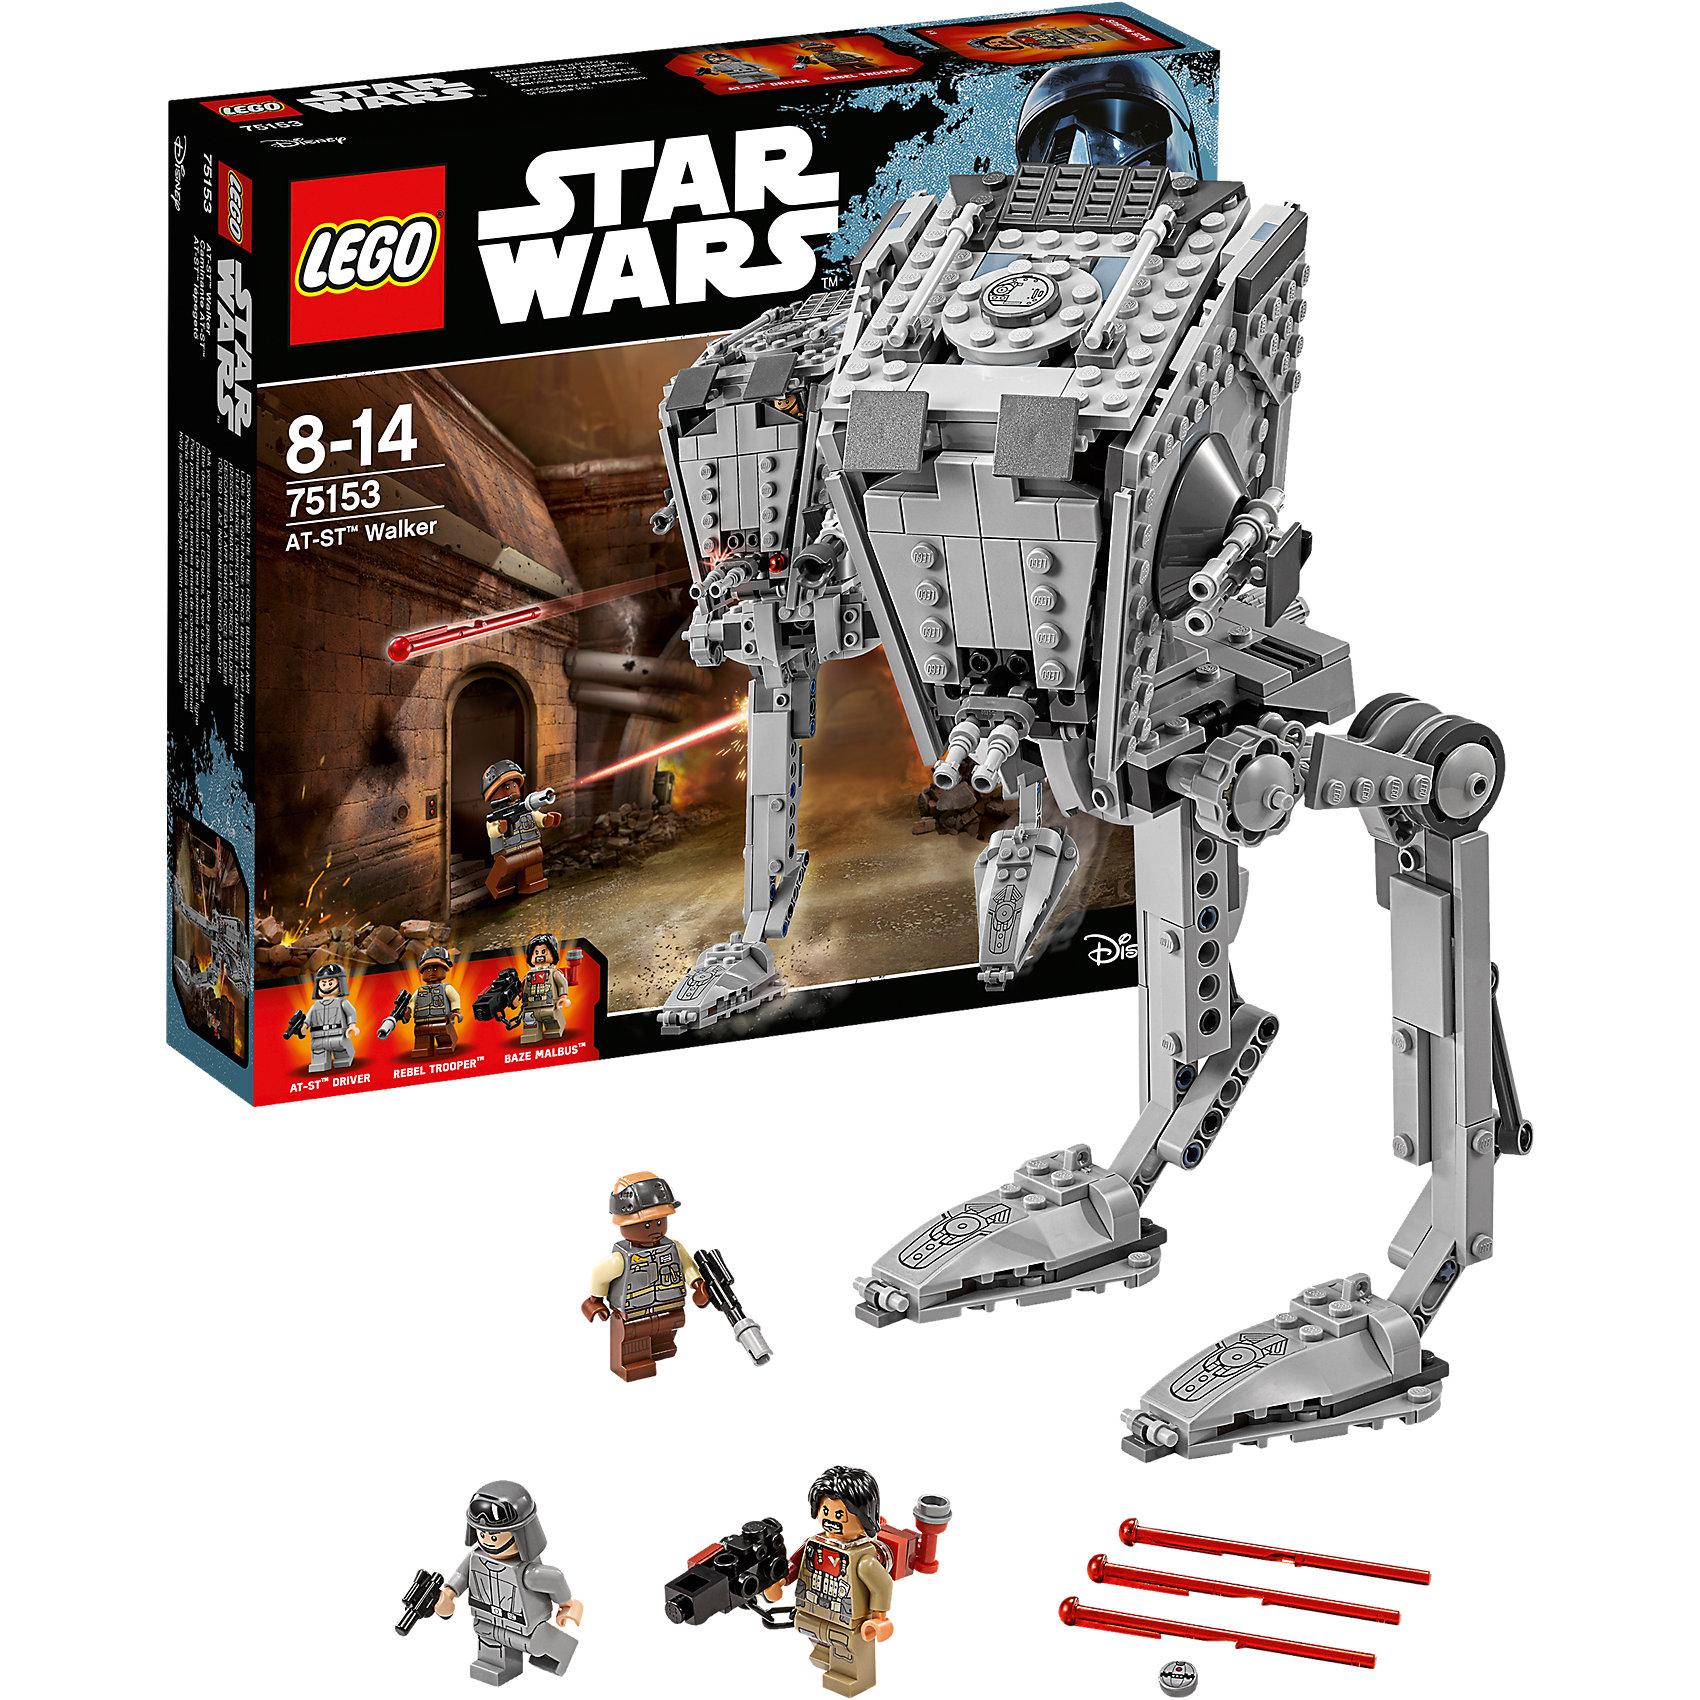 LEGO Star Wars 75153: Шагоход AT-STПластмассовые конструкторы<br>Играть с любимыми персонажами всегда интереснее! Фильм Звездные войны обожают современные дети. Подарите им возможность играть с героями из любимого фильма, воссоздавая боевые сцены из кино или придумывая свои! Эти фигурки подвижны, состоят из деталей, поэтому детям с ними играть очень интересно. <br>Одна игрушка - только часть большой коллекции LEGO Star Wars, поэтому детям будет интересно еще и коллекционировать разные фигурки и наборы. Такие игрушки помогают ребенку развивать мелкую моторику, воображение и творческое мышление! Материалы, использованные при изготовлении игрушек, полностью безопасны для детей и отвечают всем требованиям по качеству.<br><br>Дополнительная информация:<br><br>цвет: разноцветный;<br>материал: пластик;<br>деталей: 449, 3 фигурки.<br><br>LEGO Star Wars 75153: Шагоход AT-ST можно приобрести в нашем магазине.<br><br>Ширина мм: 283<br>Глубина мм: 261<br>Высота мм: 60<br>Вес г: 610<br>Возраст от месяцев: 96<br>Возраст до месяцев: 168<br>Пол: Мужской<br>Возраст: Детский<br>SKU: 4641272